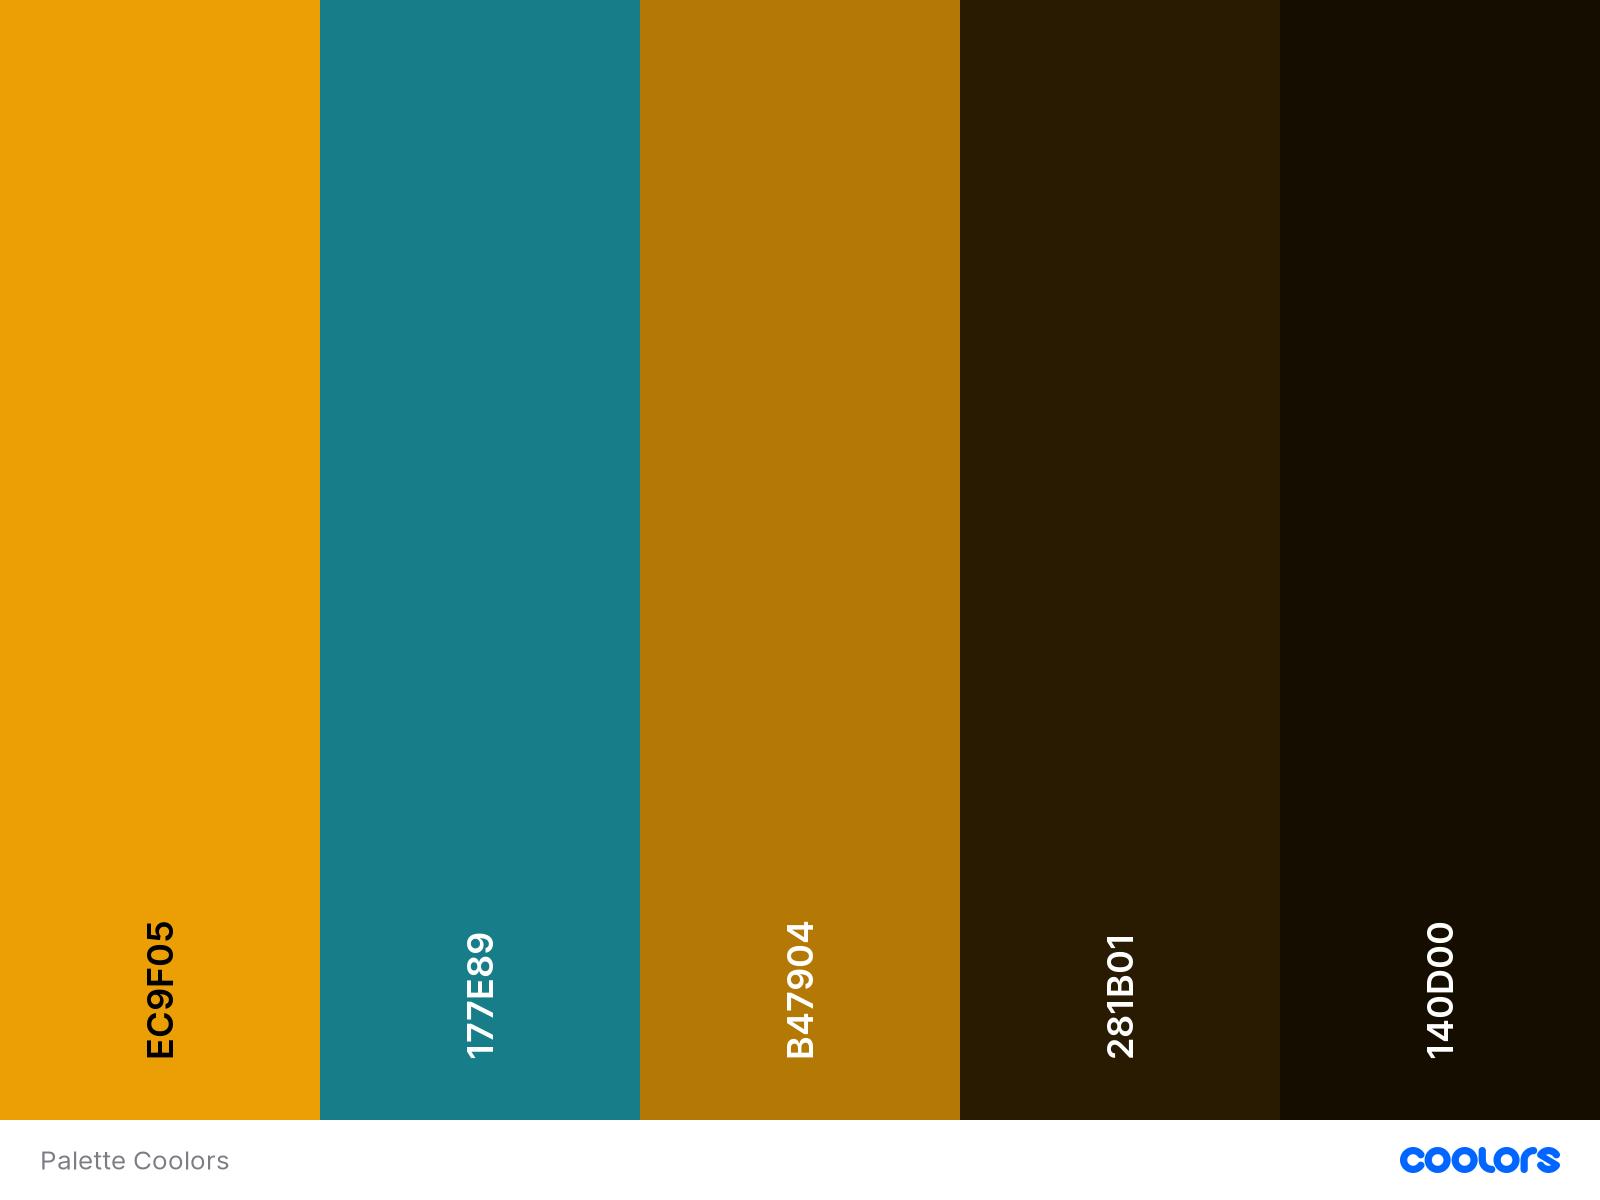 Palette de couleurs d'une charte graphique